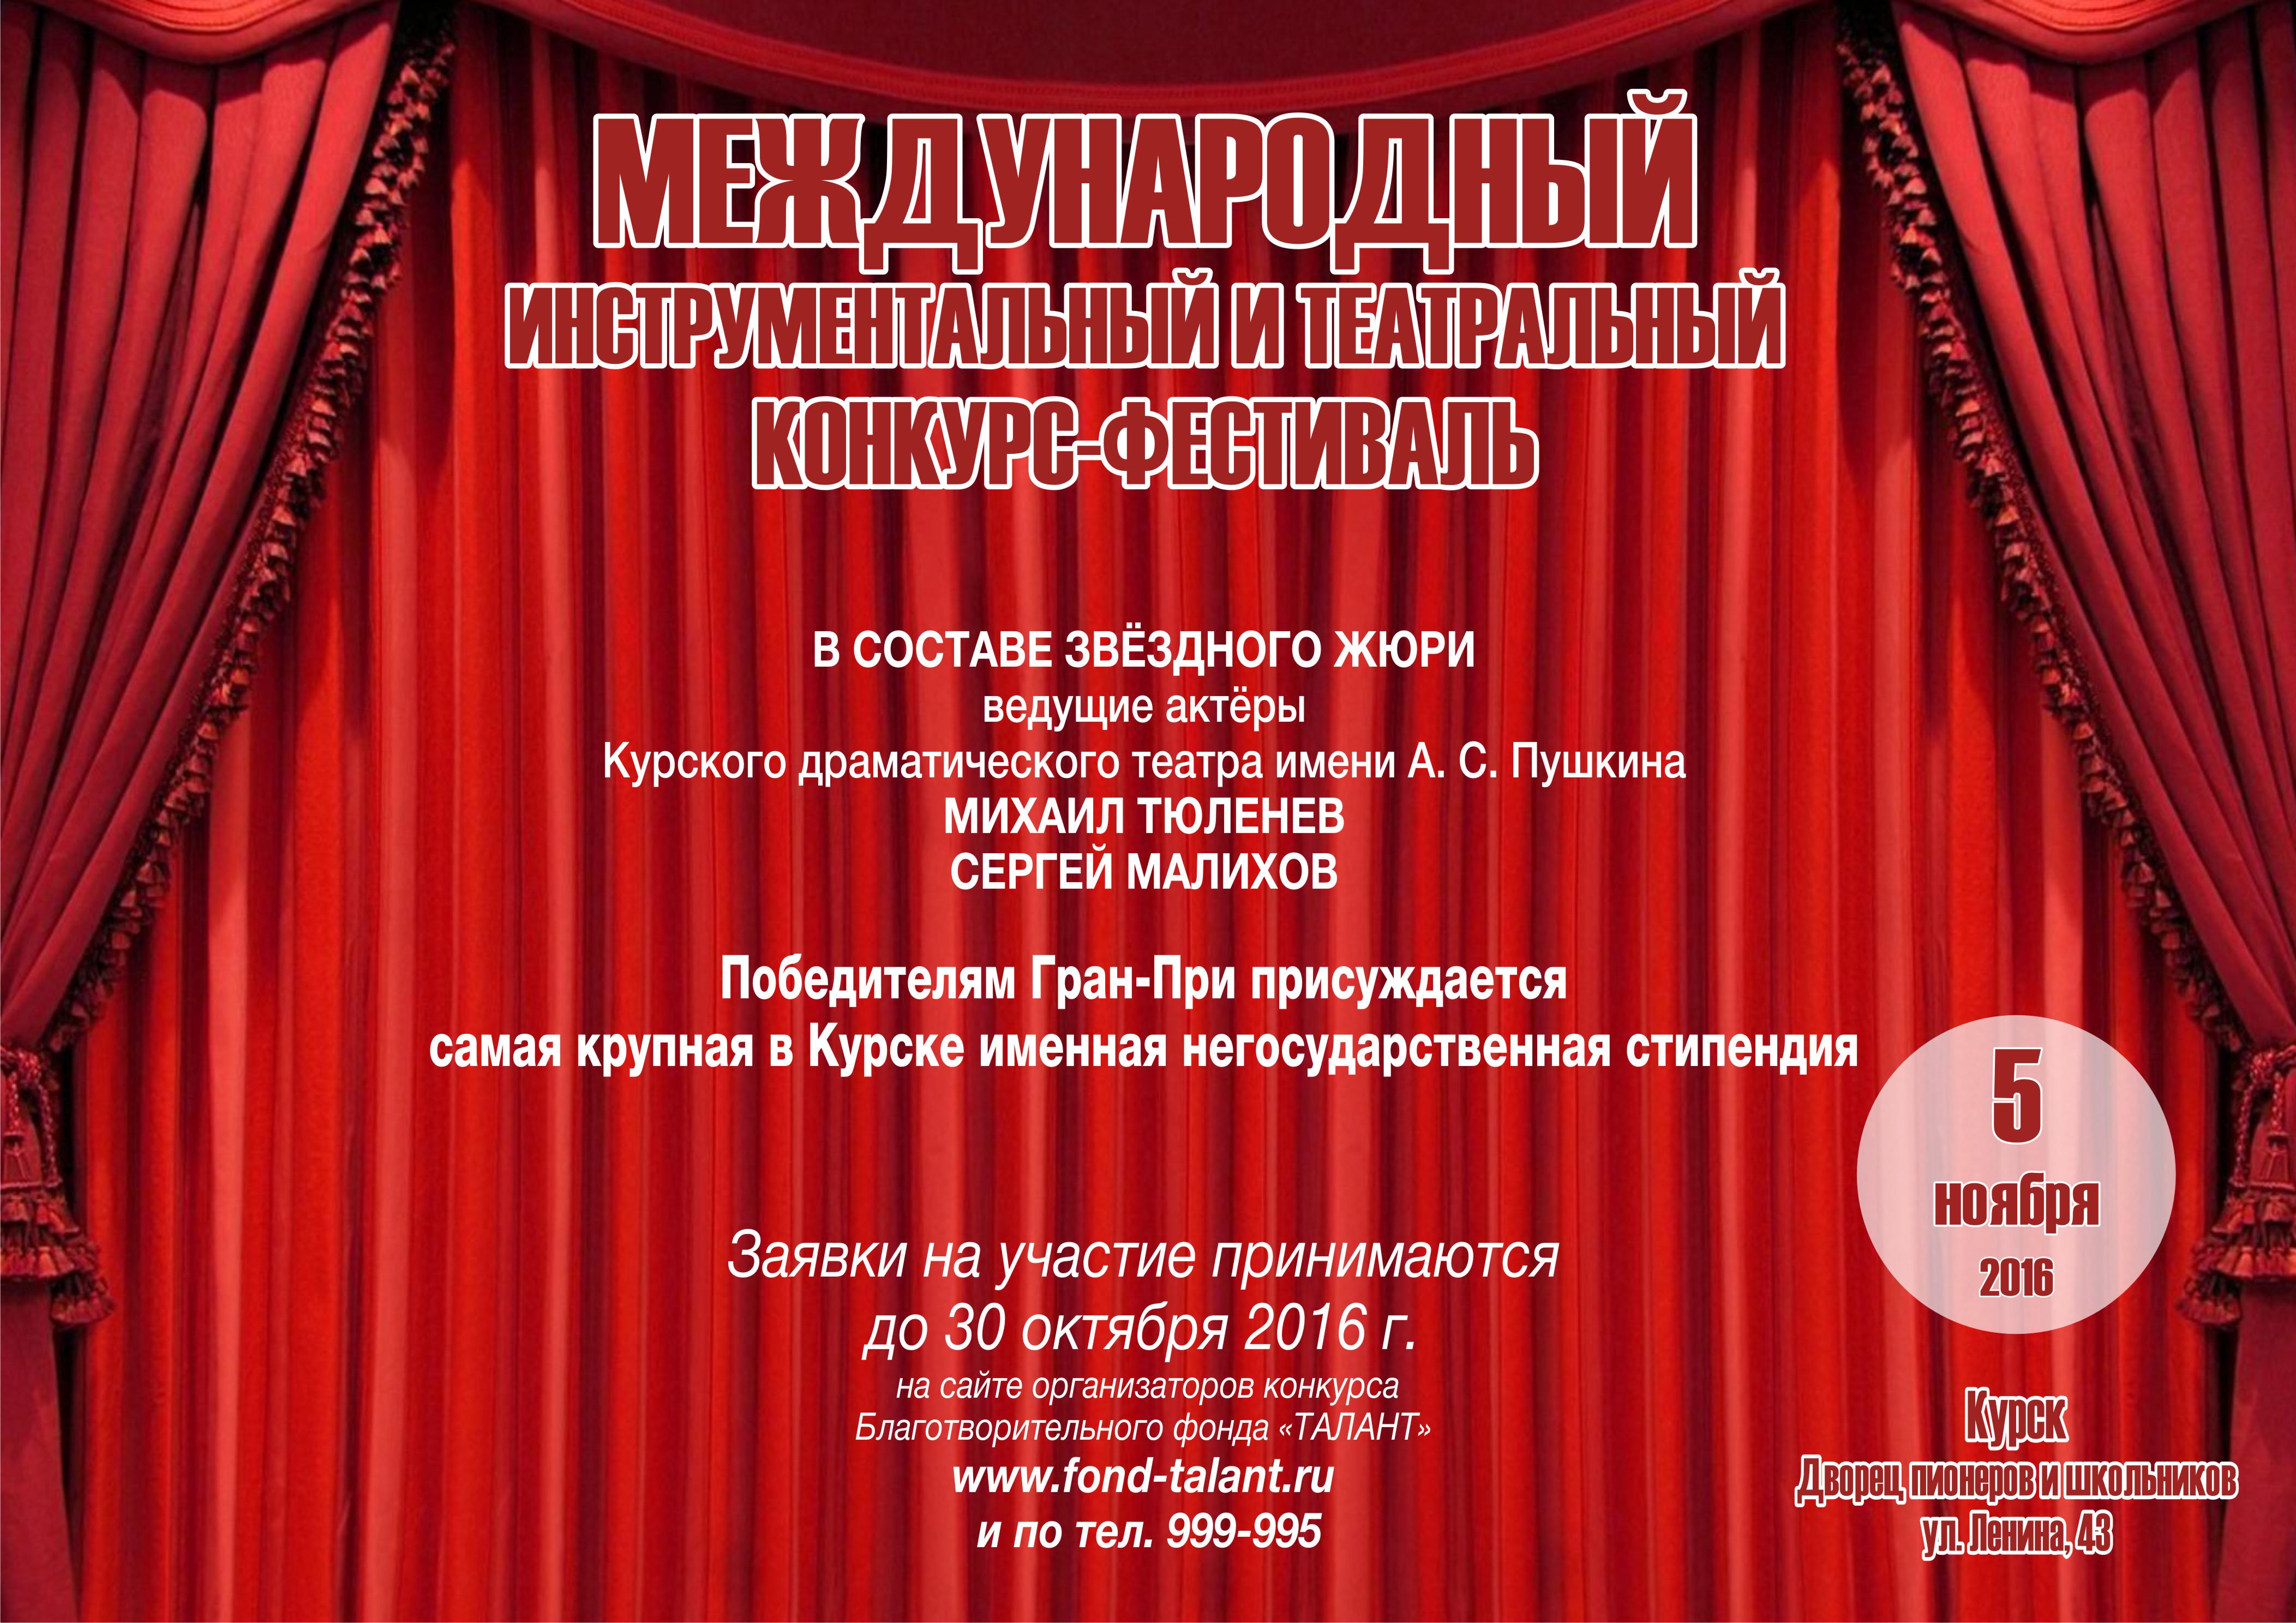 teatralnyy_konkurs